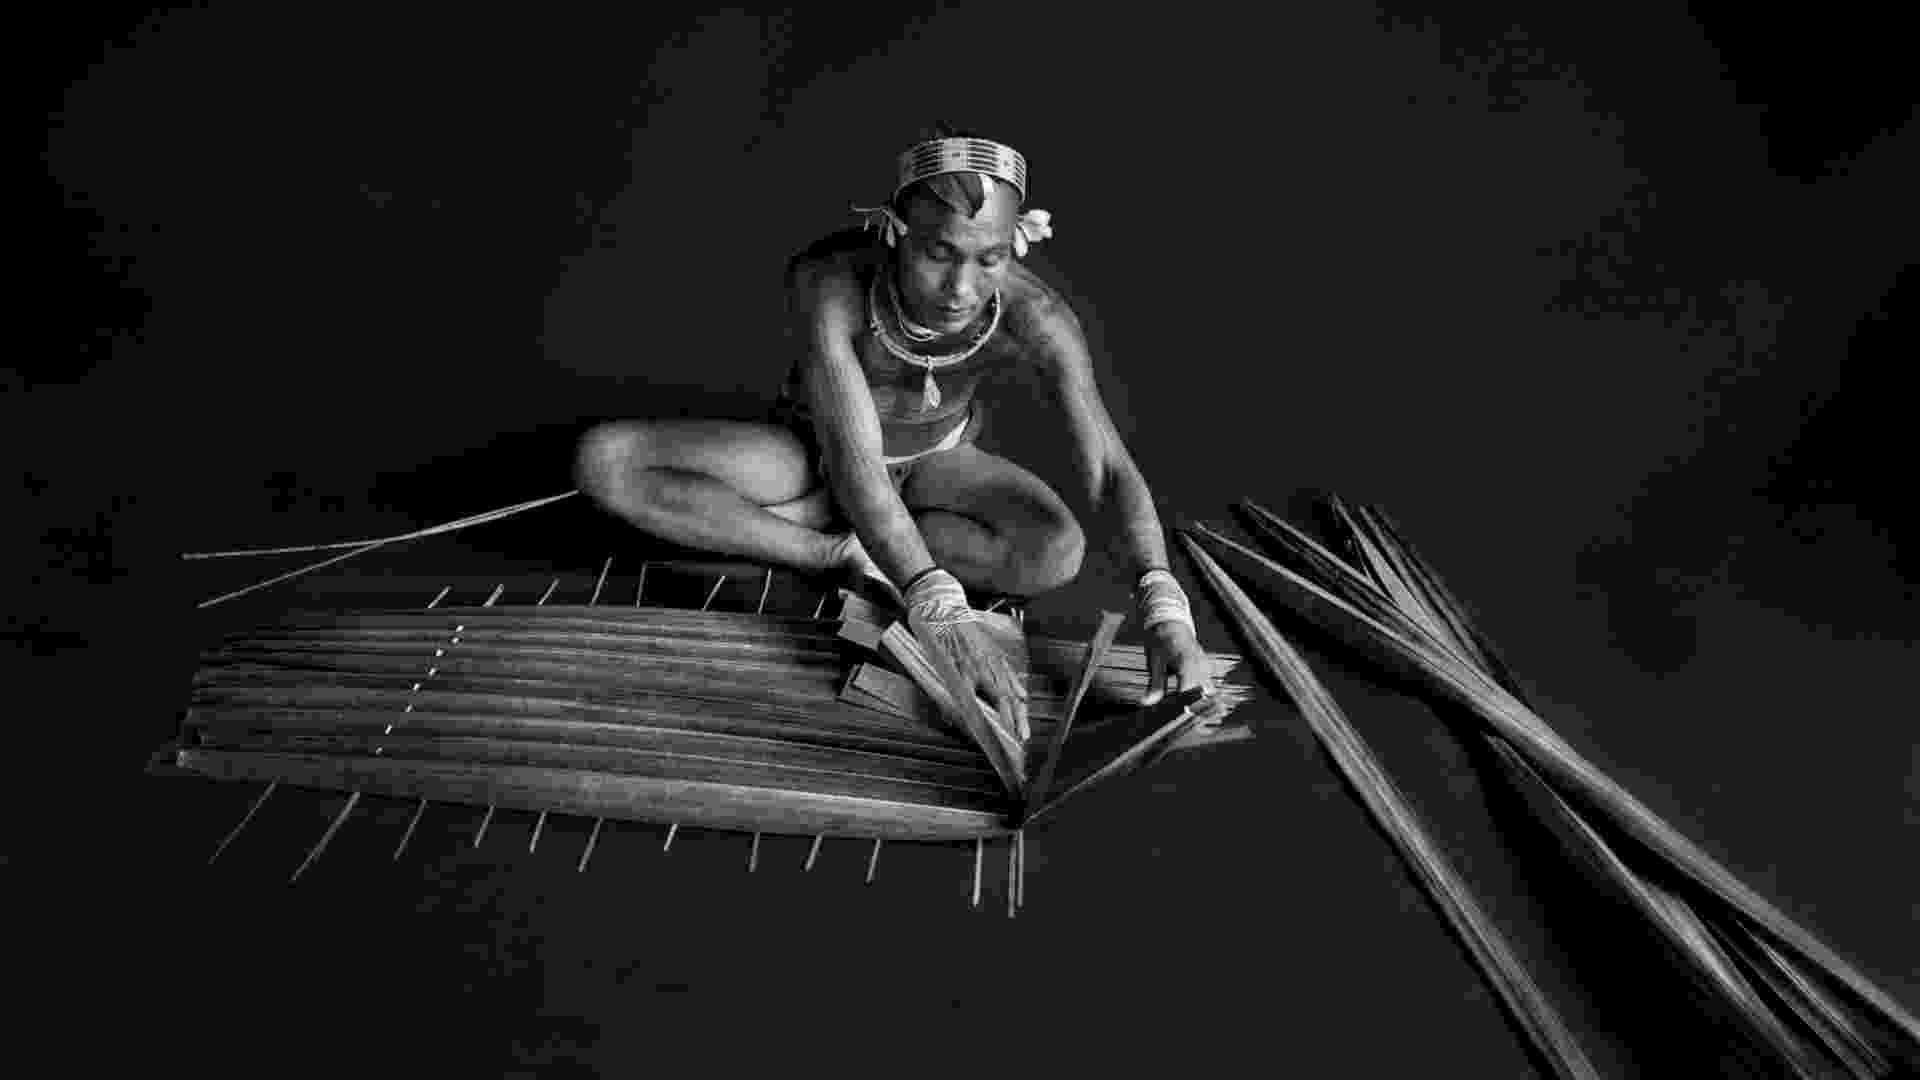 """08.abr.2013 - O fotógrafo Sebastião Salgado registra um indígena na tribo de Mentawai (Sumatra) para o livro """"Gênesis"""" - Sebastião Salgado"""